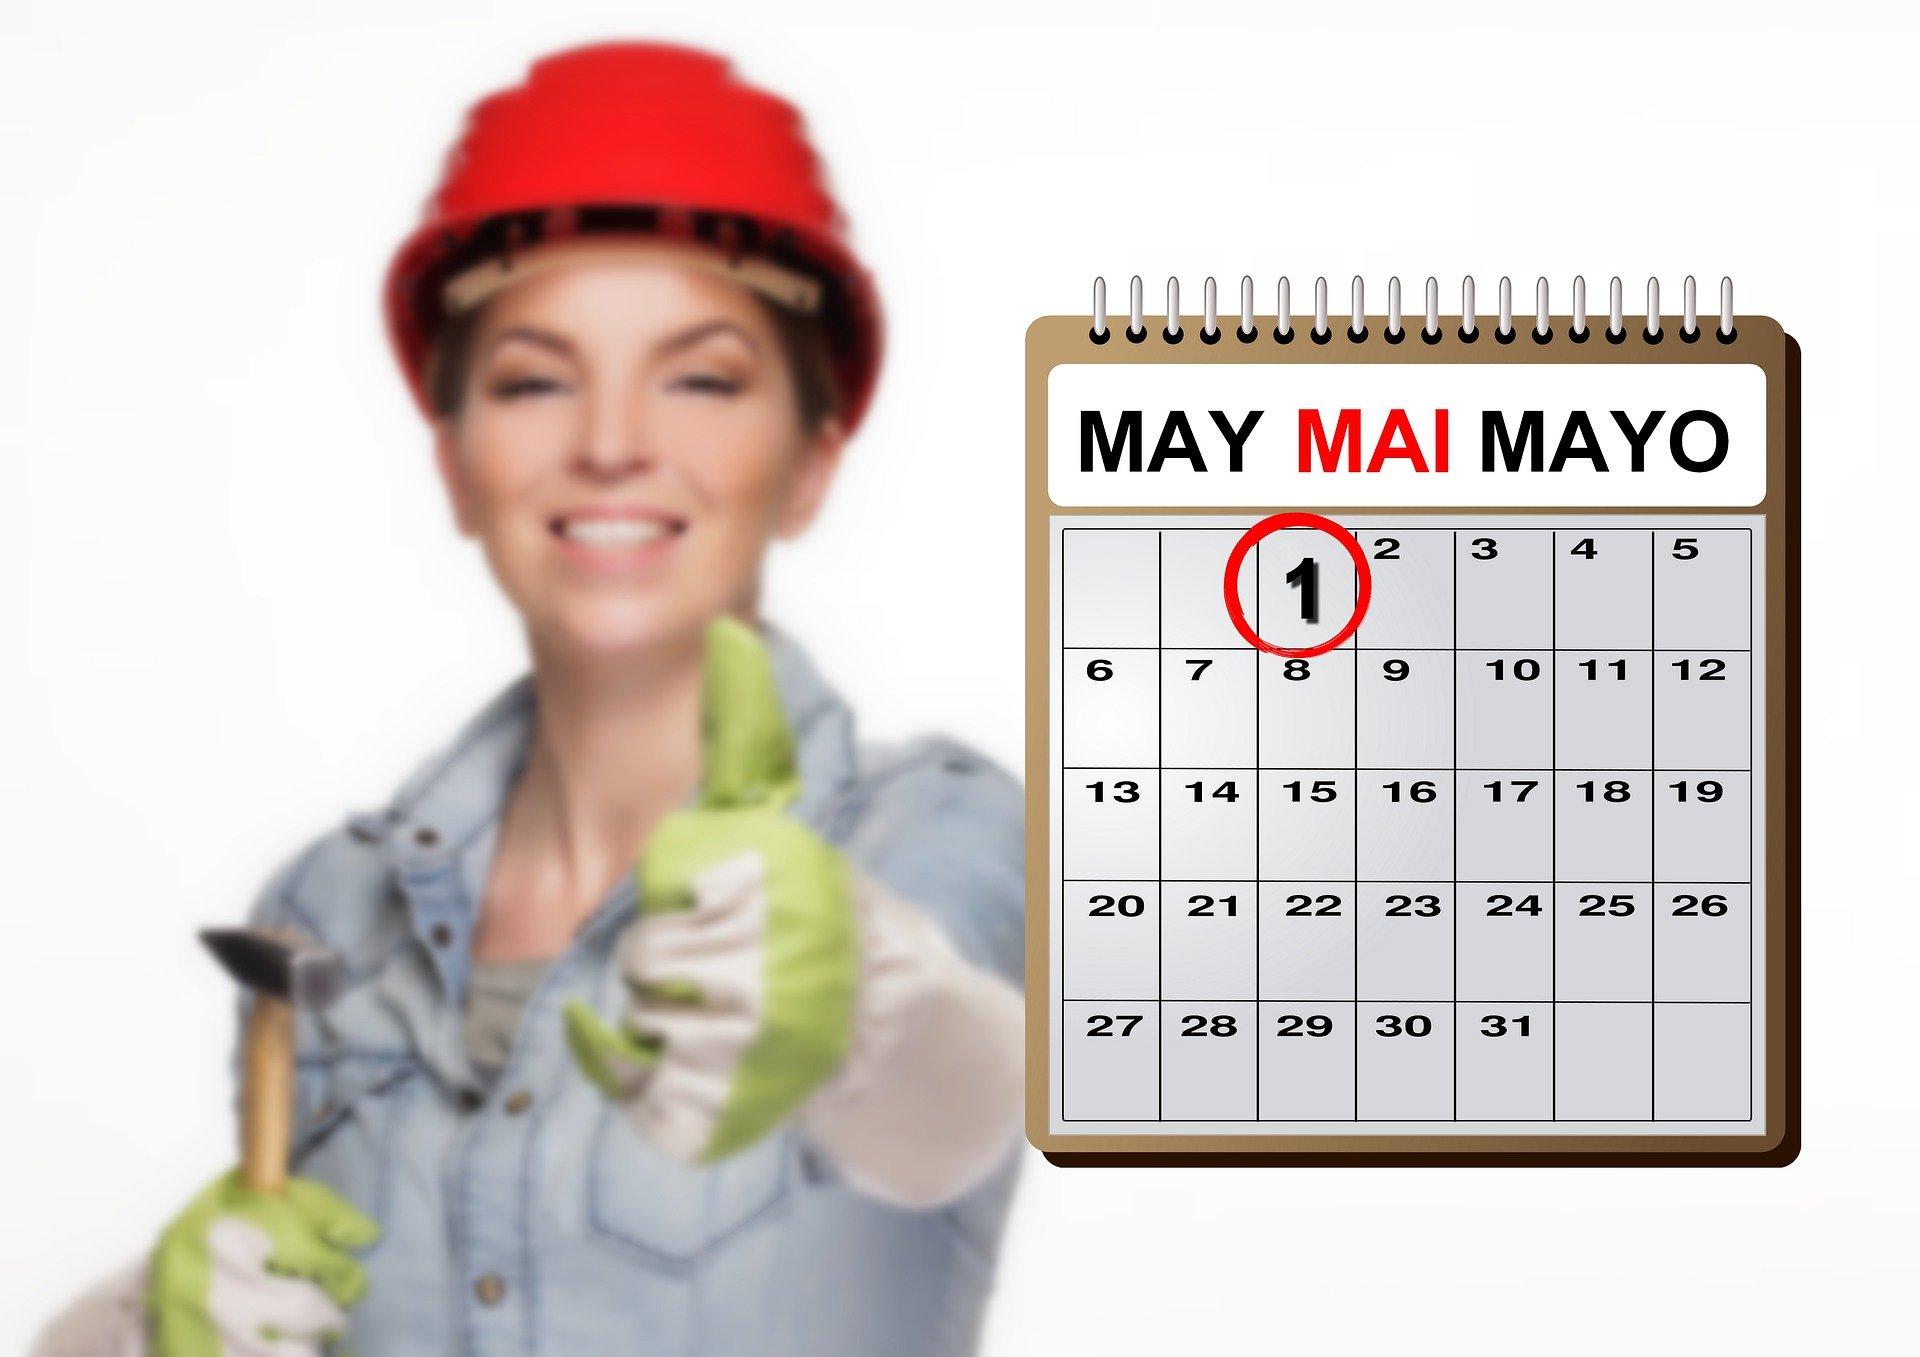 Tag der Arbeit? Labour Day?